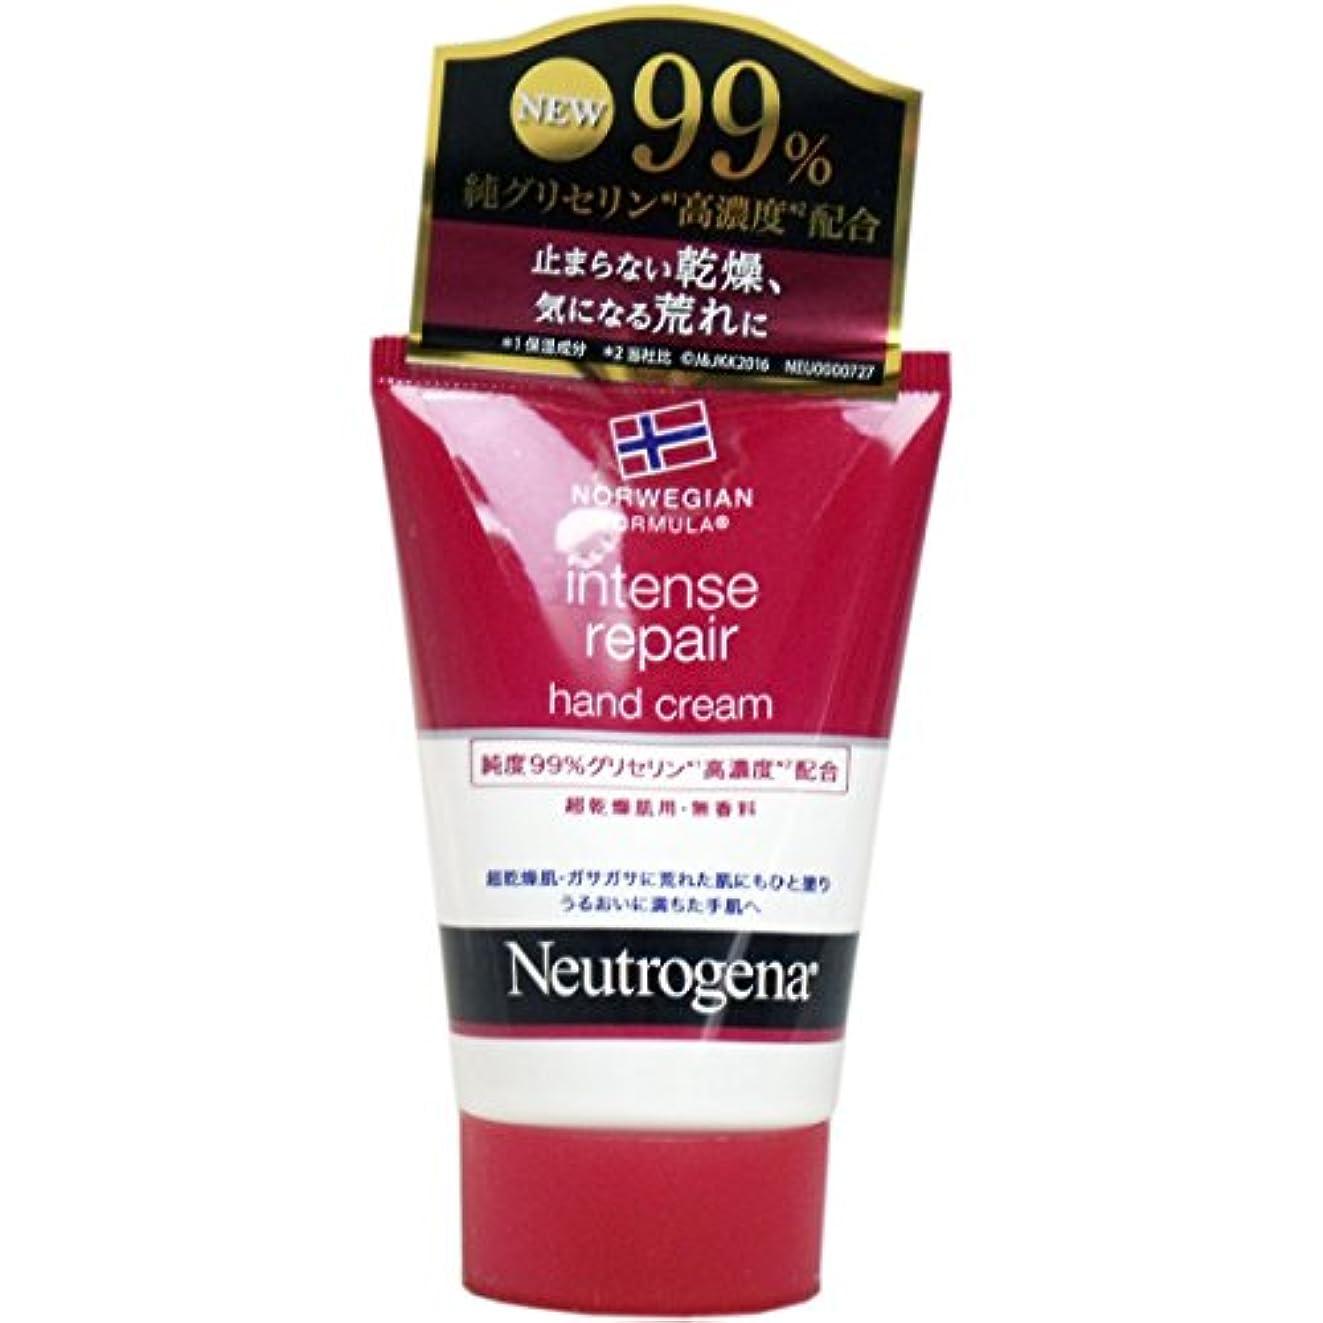 剃る差し迫ったまつげ【セット品】Neutrogena(ニュートロジーナ) ノルウェーフォーミュラ インテンスリペア ハンドクリーム 超乾燥肌用 無香料 50g×6個